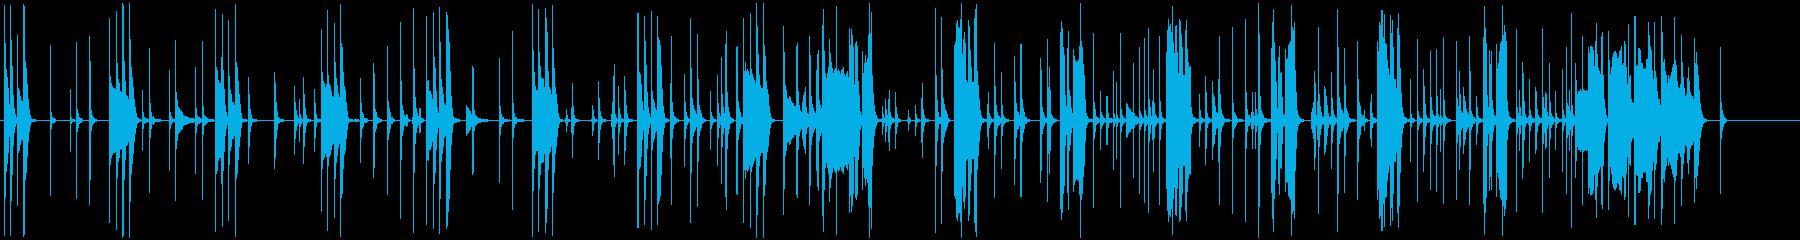 日常のゆるゆるグダグダな会話シーンの再生済みの波形